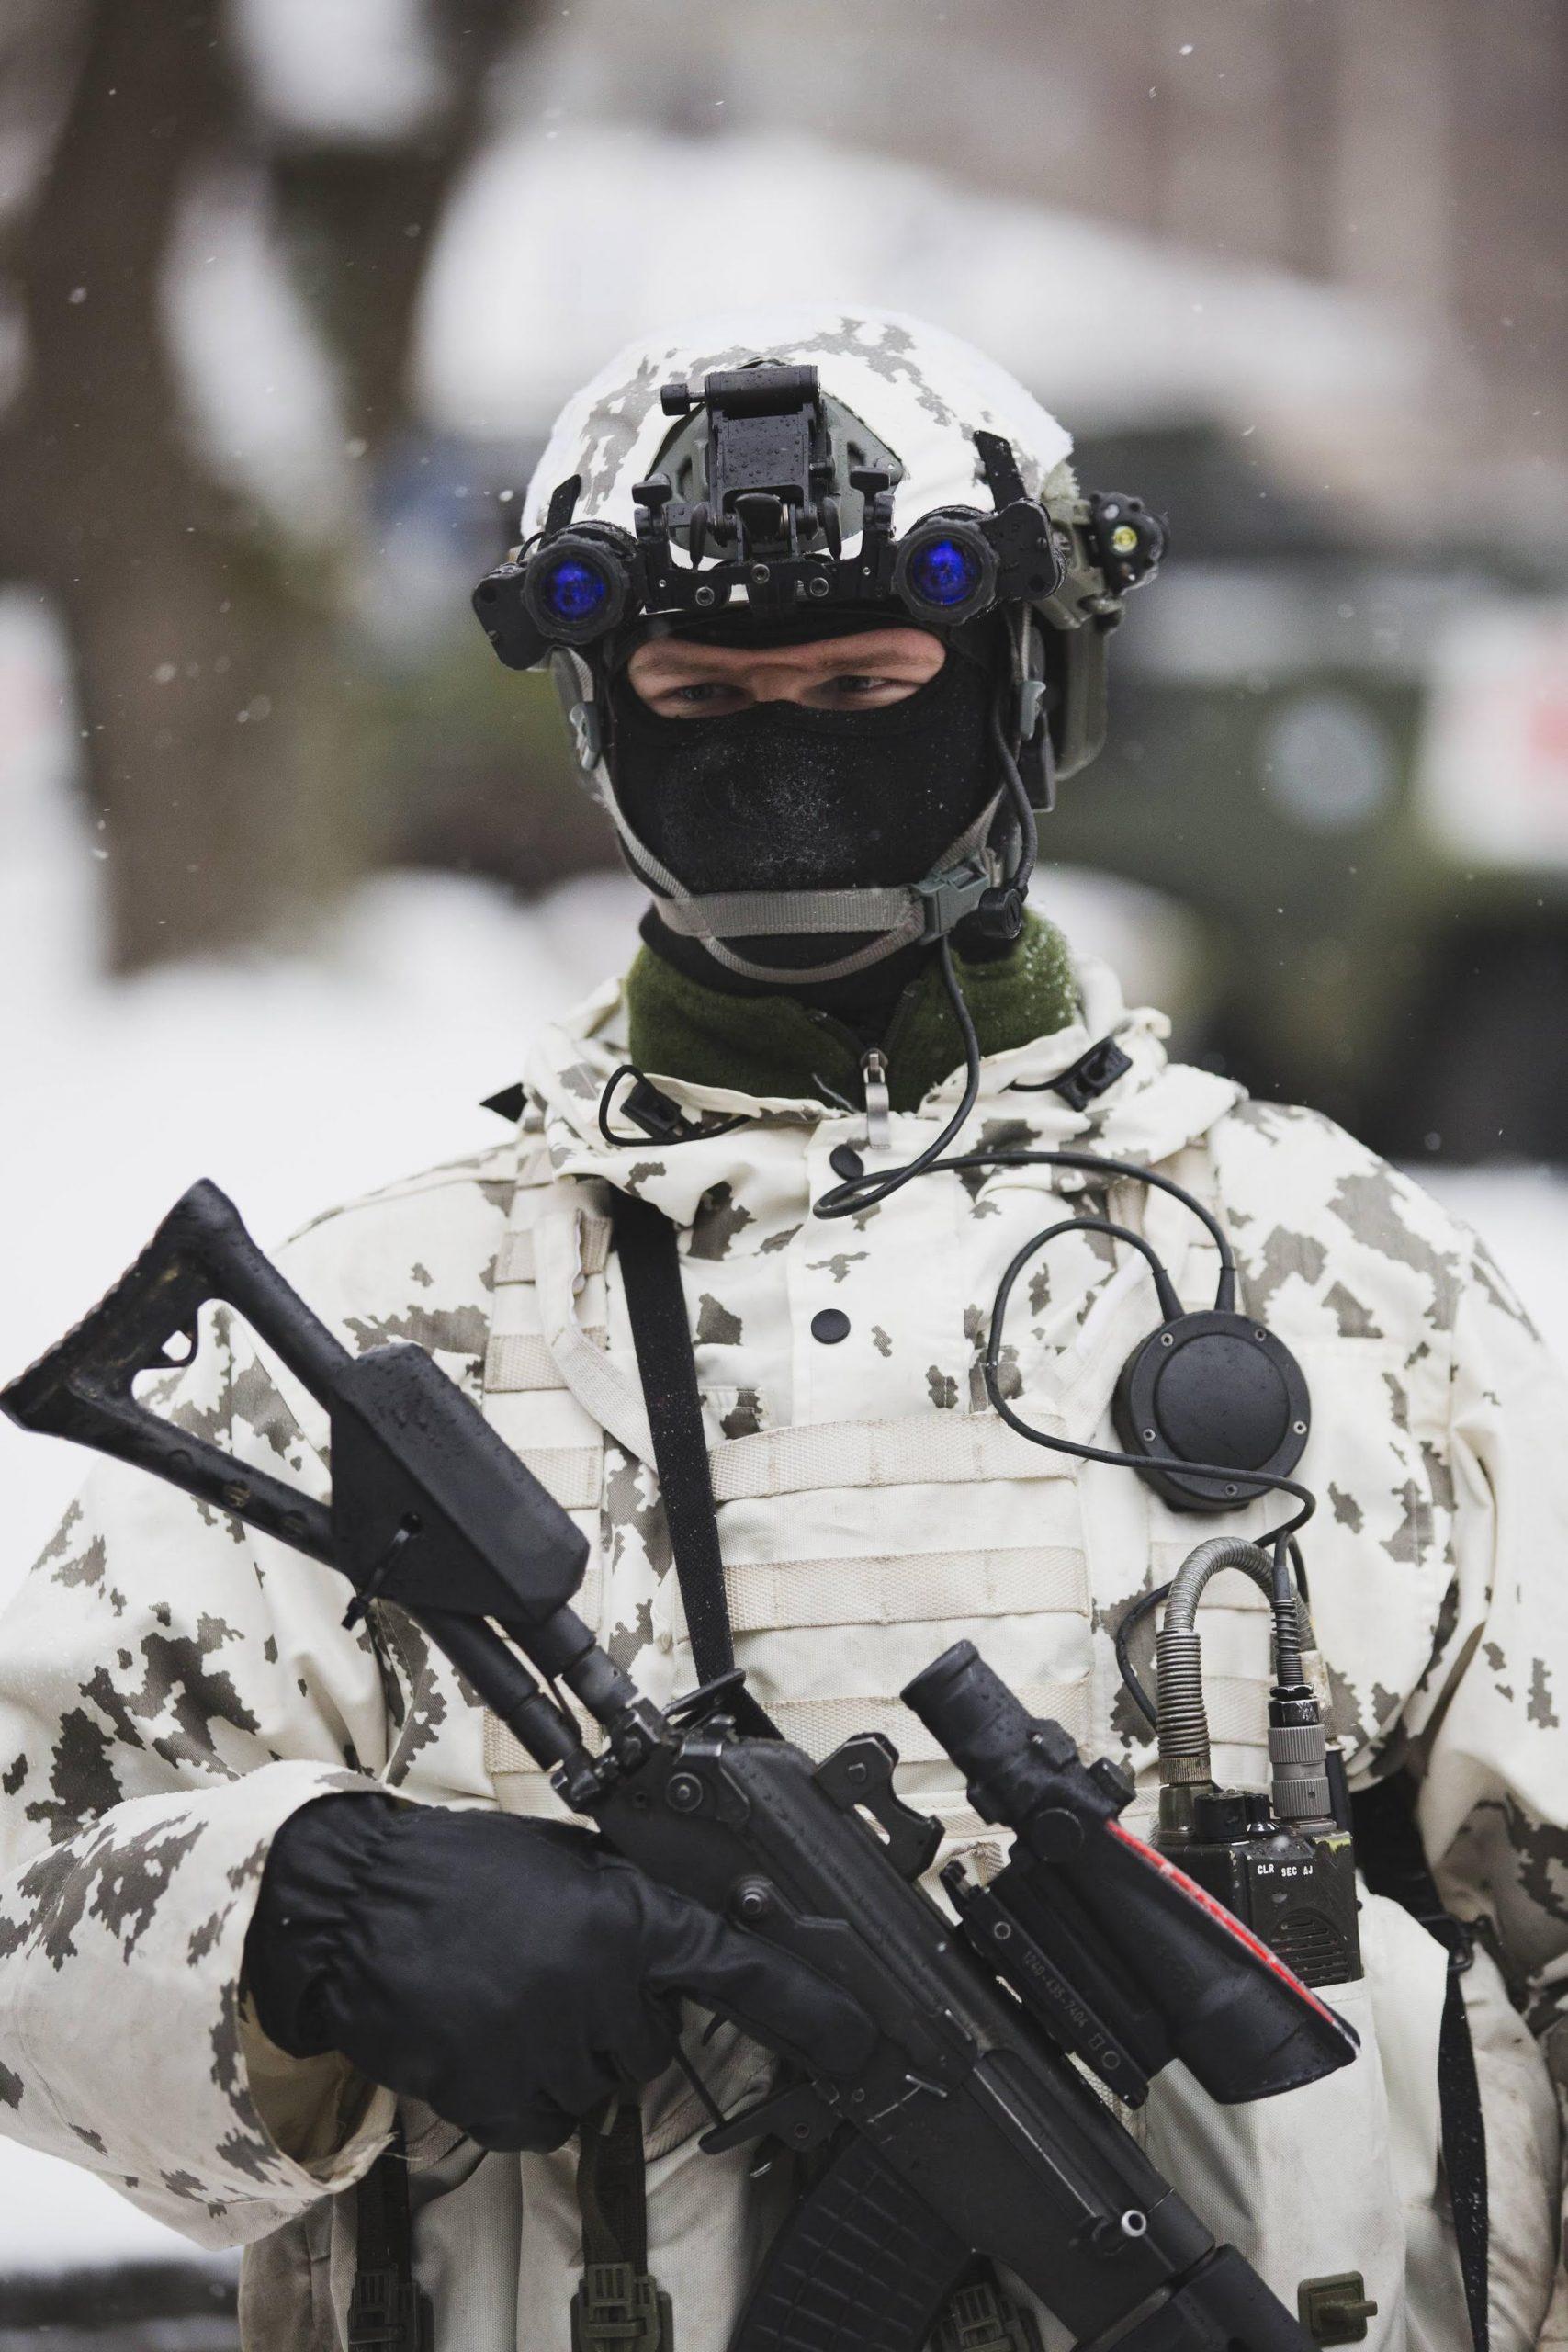 Erikoisjääkärit (EJkr) Special Jaegers